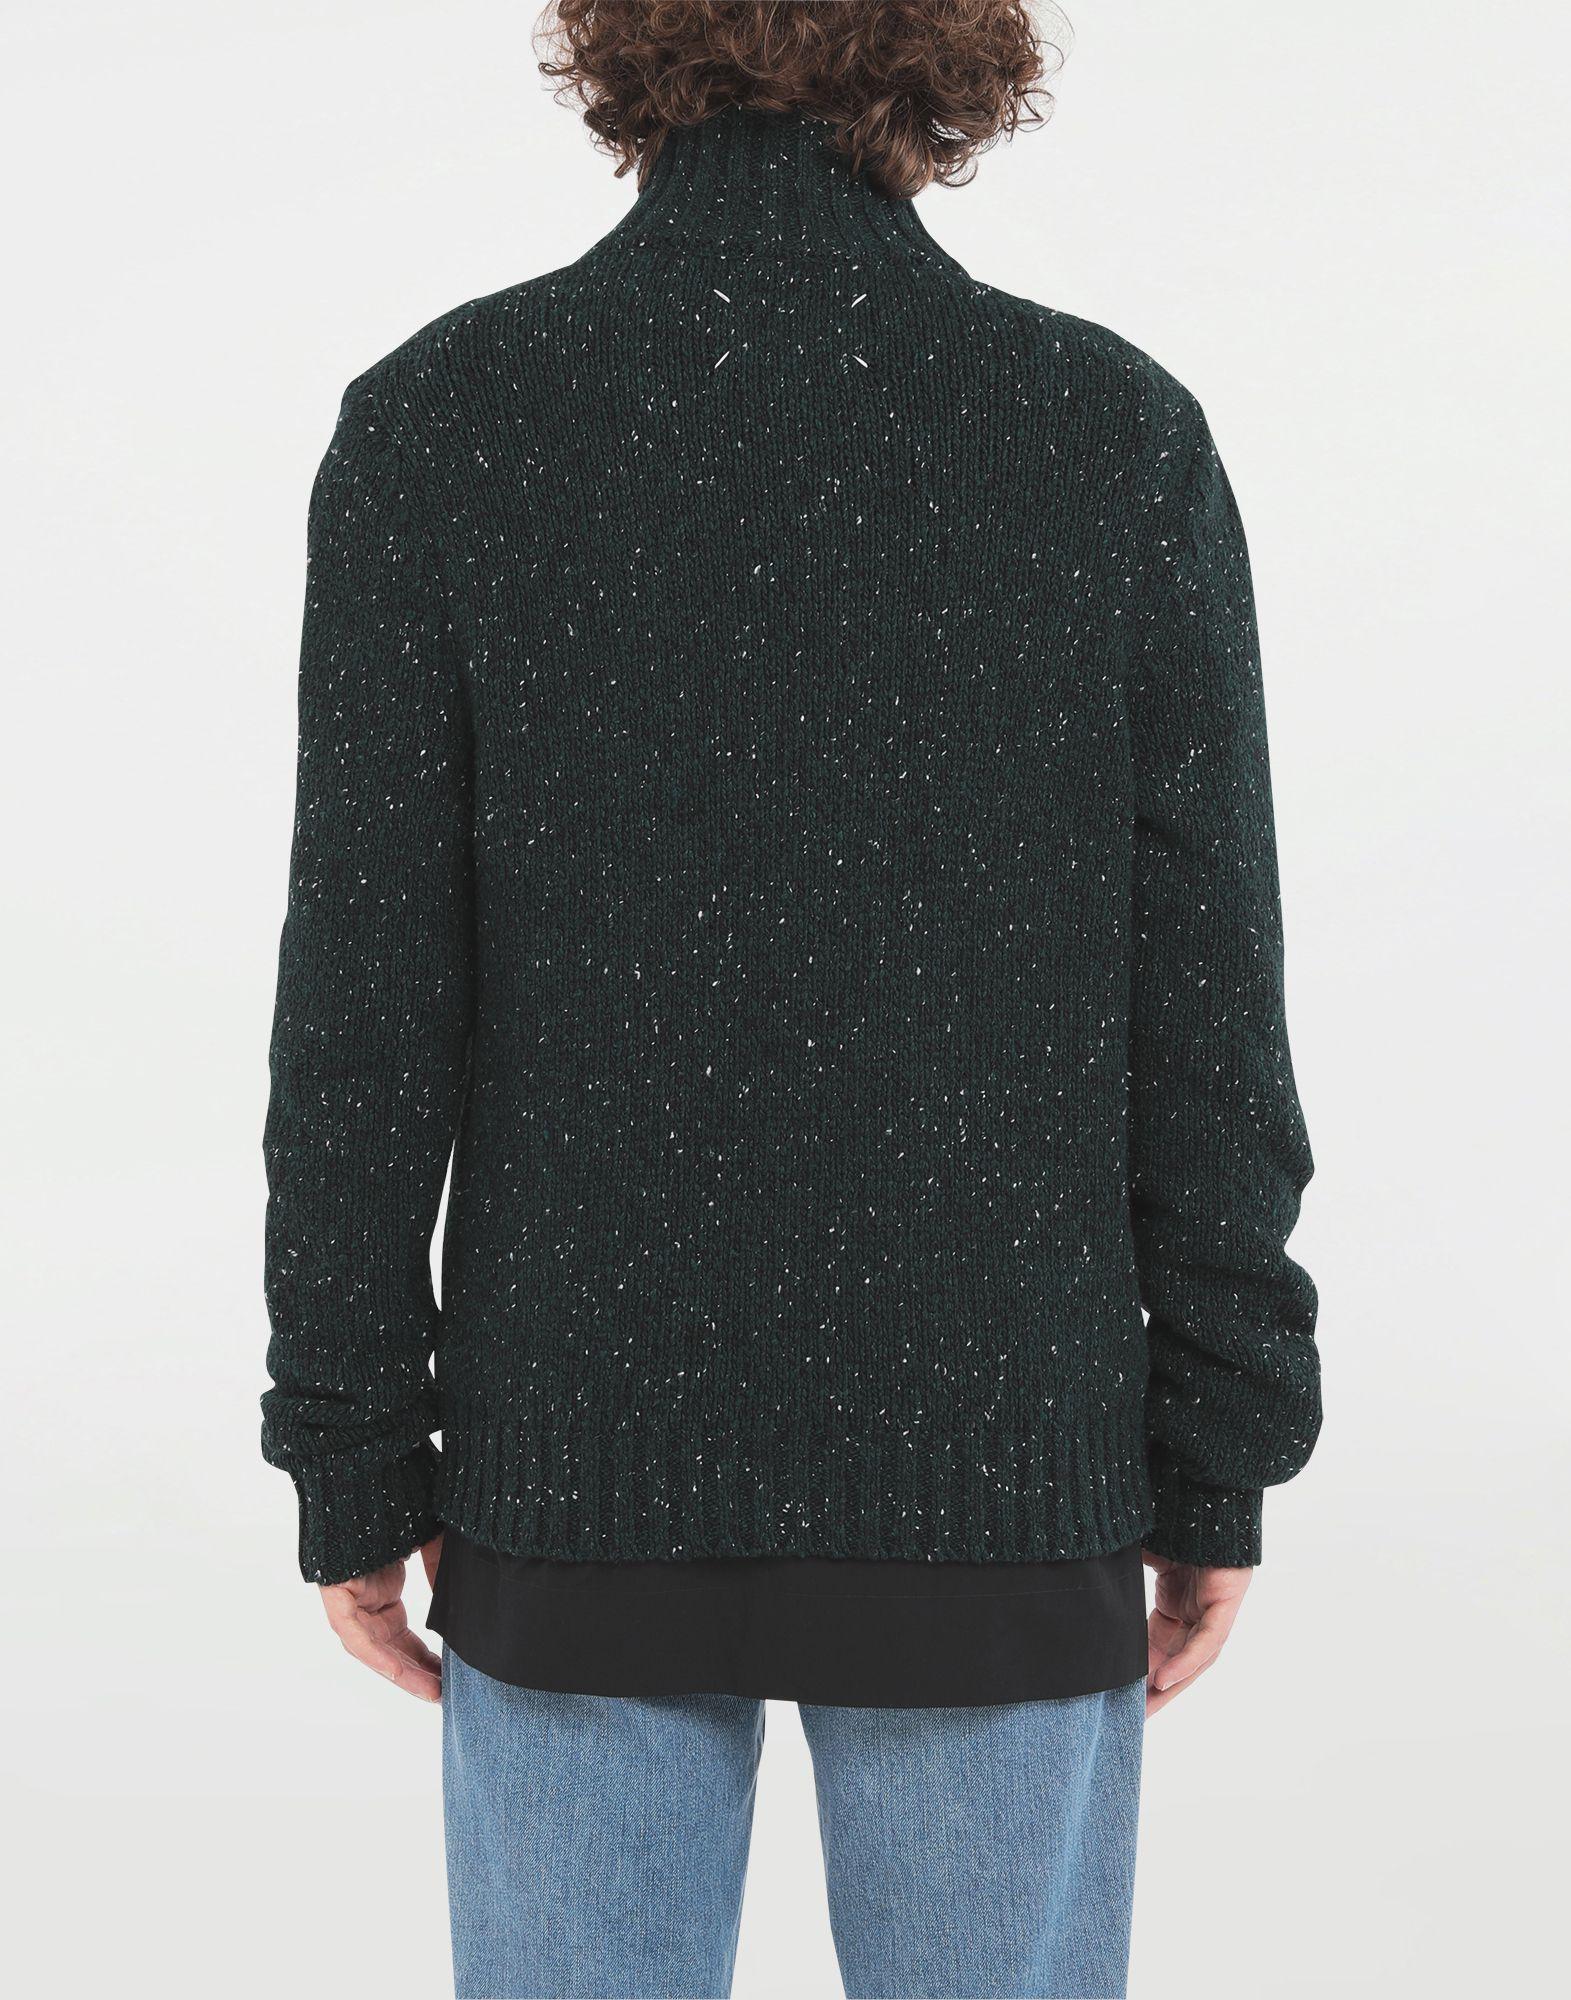 MAISON MARGIELA Pullover mit Reißverschluss Strickjacke Herren b